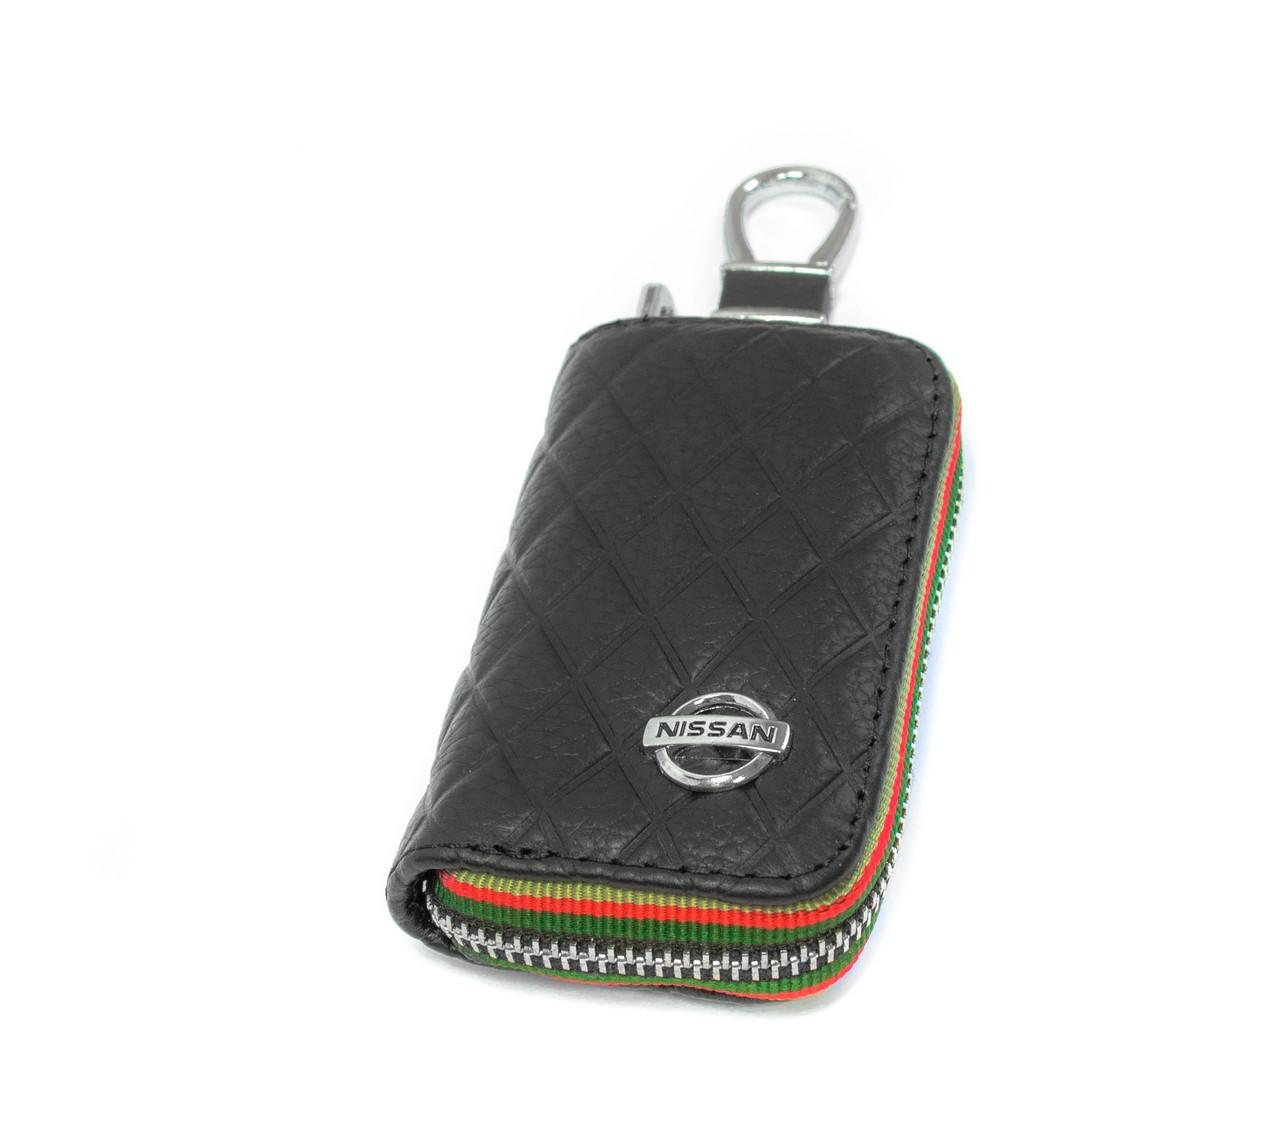 Ключница Carss с логотипом NISSAN 09009 черная